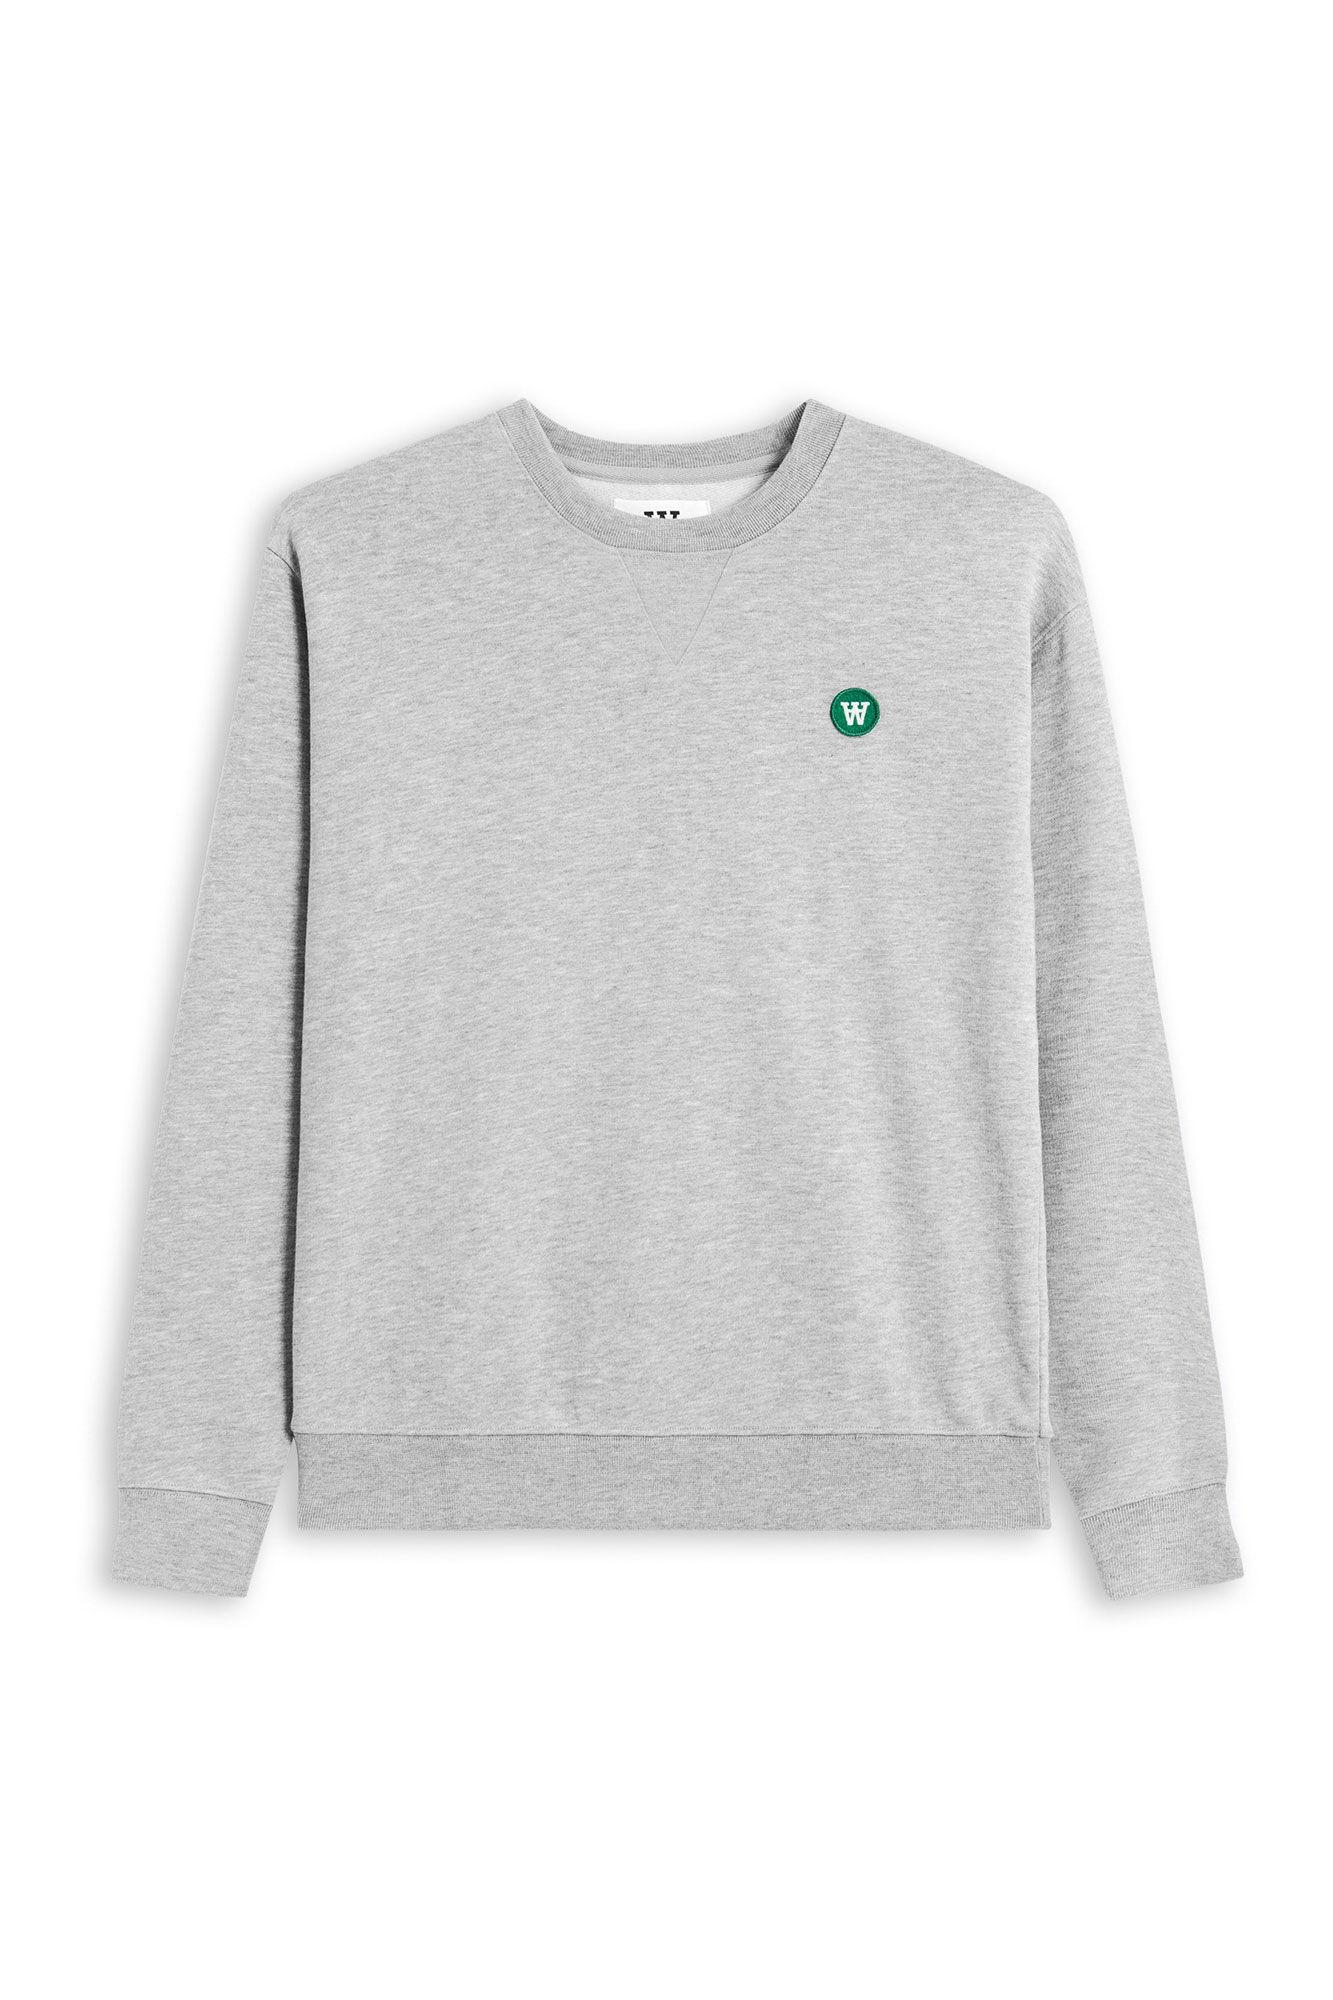 Tye sweatshirt 10005601-2424, GREY MELANGE